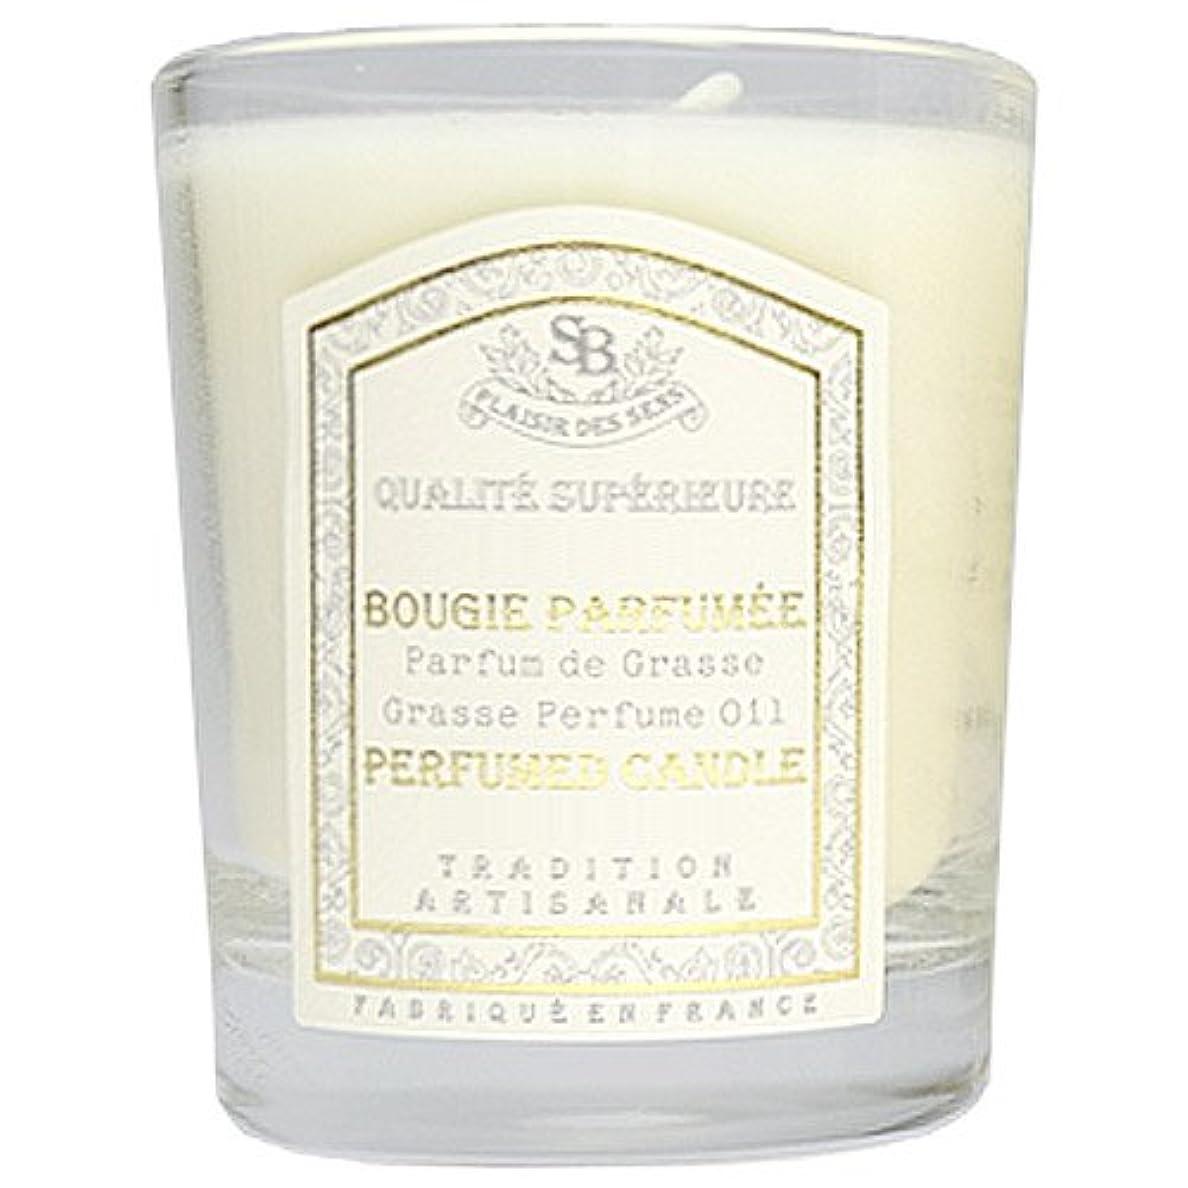 副詞悪因子補体Senteur et Beaute(サンタールエボーテ) フレンチクラシックシリーズ グラスキャンドル 90g 「コットンリネン」 4994228021984